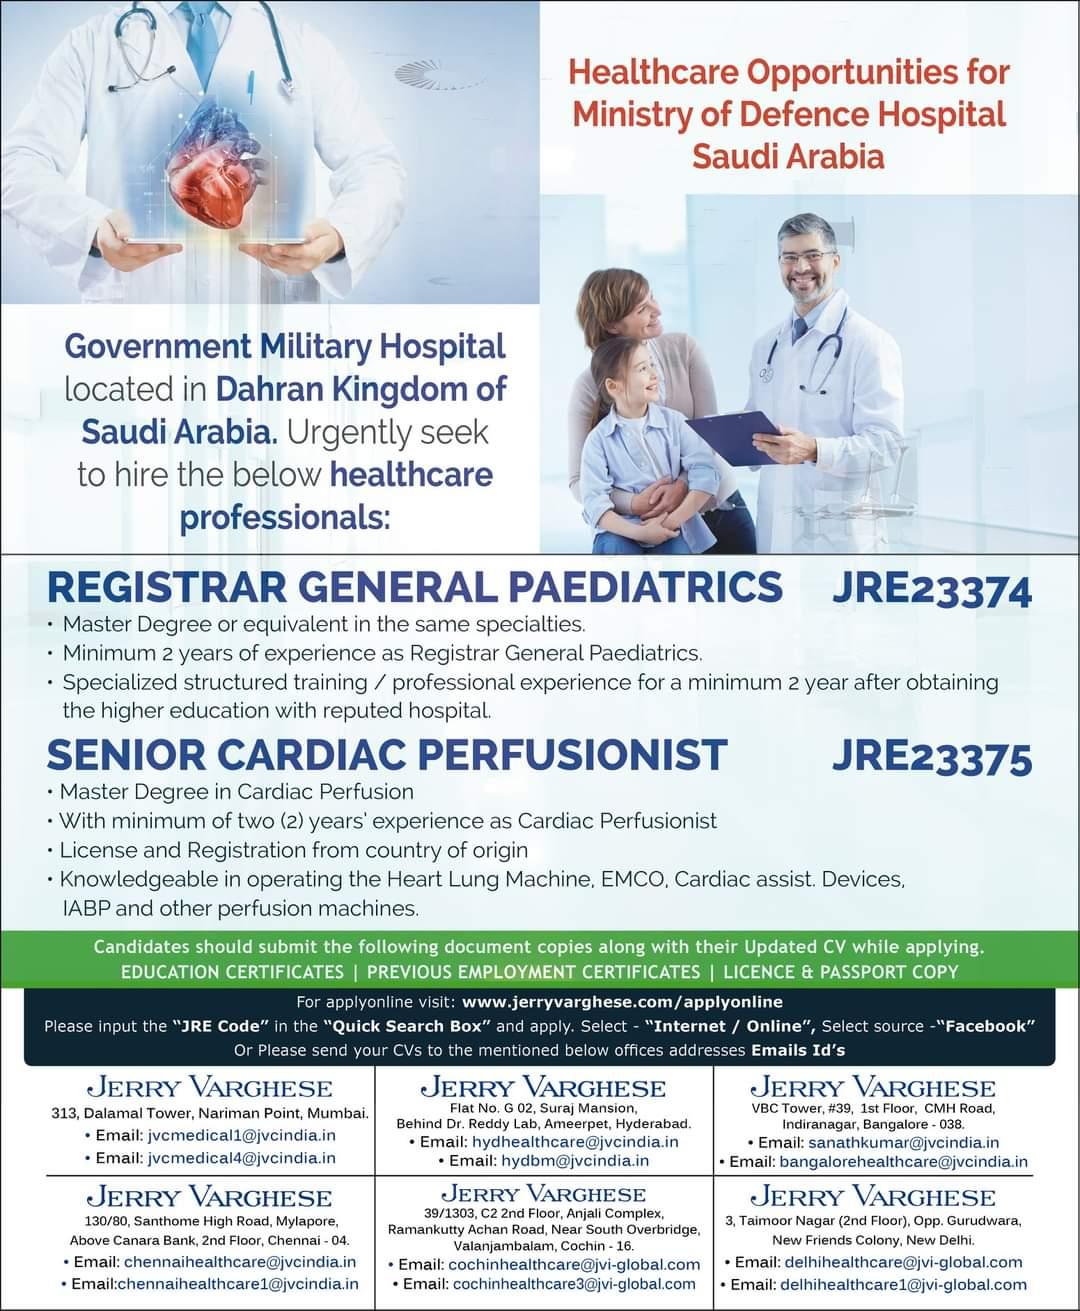 WALK-IN INTERVIEW AT MUMBAI, HYDEARABAD, BANGALORE, CHENNAI, COCHIN, NEW DELHI FOR SAUDI ARABIA